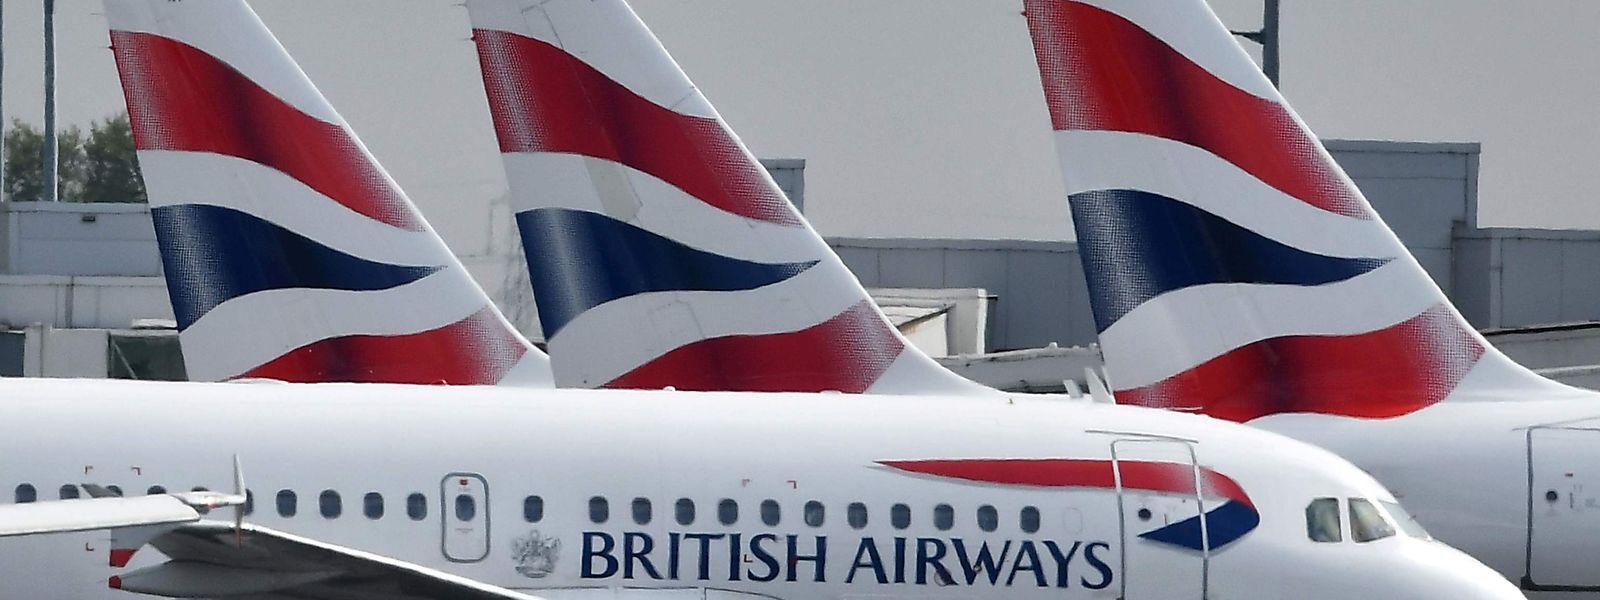 Avec quelque 850 vols quotidiens opérés au Royaume-Uni, la grève des pilotes de British Airways va impacter des milliers de voyageurs ce lundi.